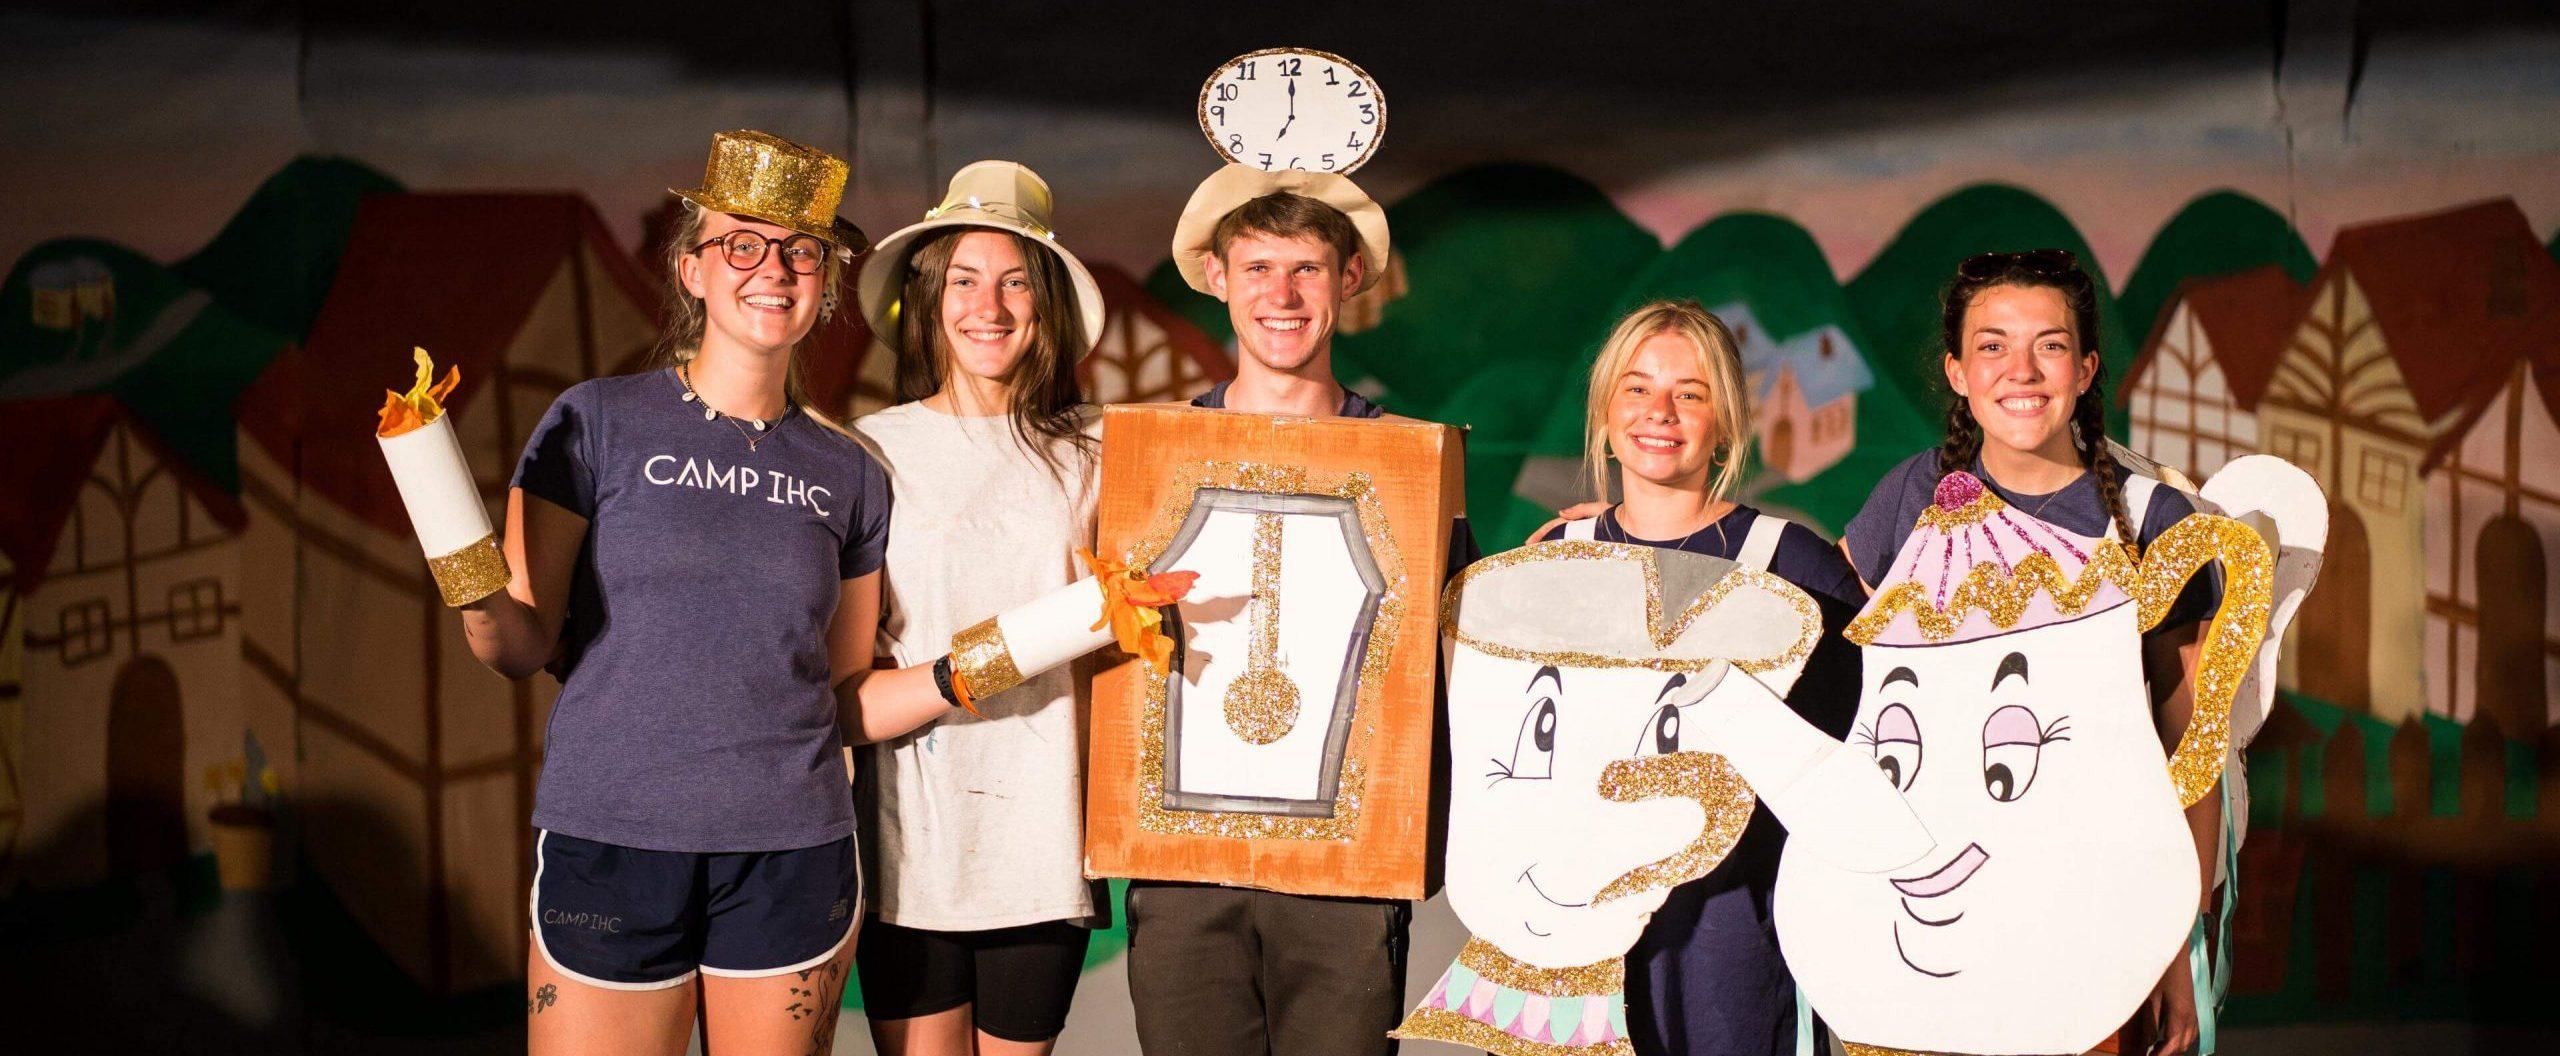 performing arts jobs at summer camp